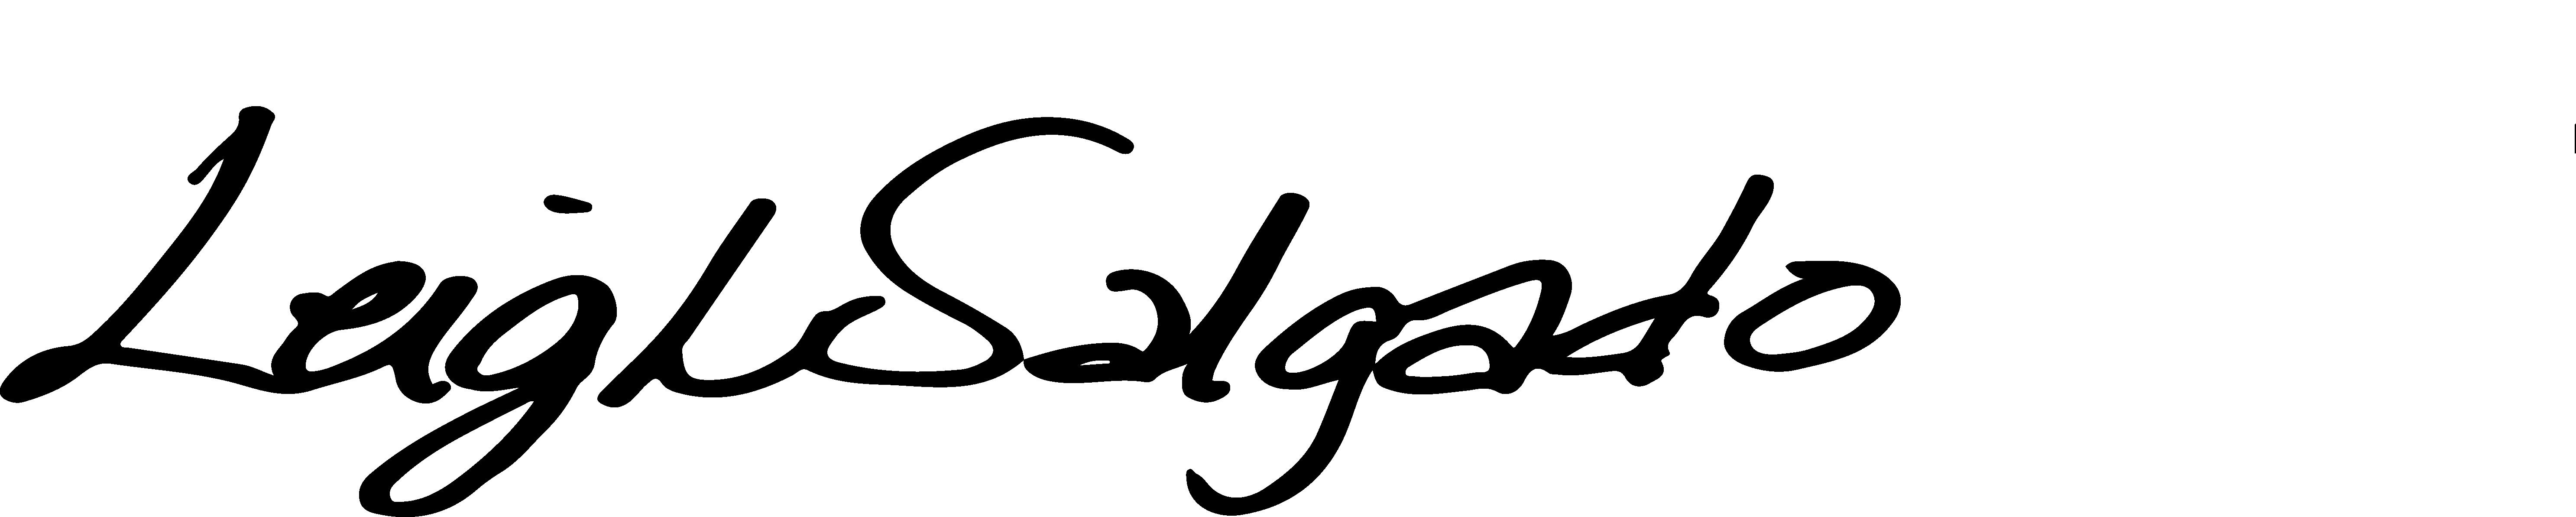 Leigh Salgado Signature